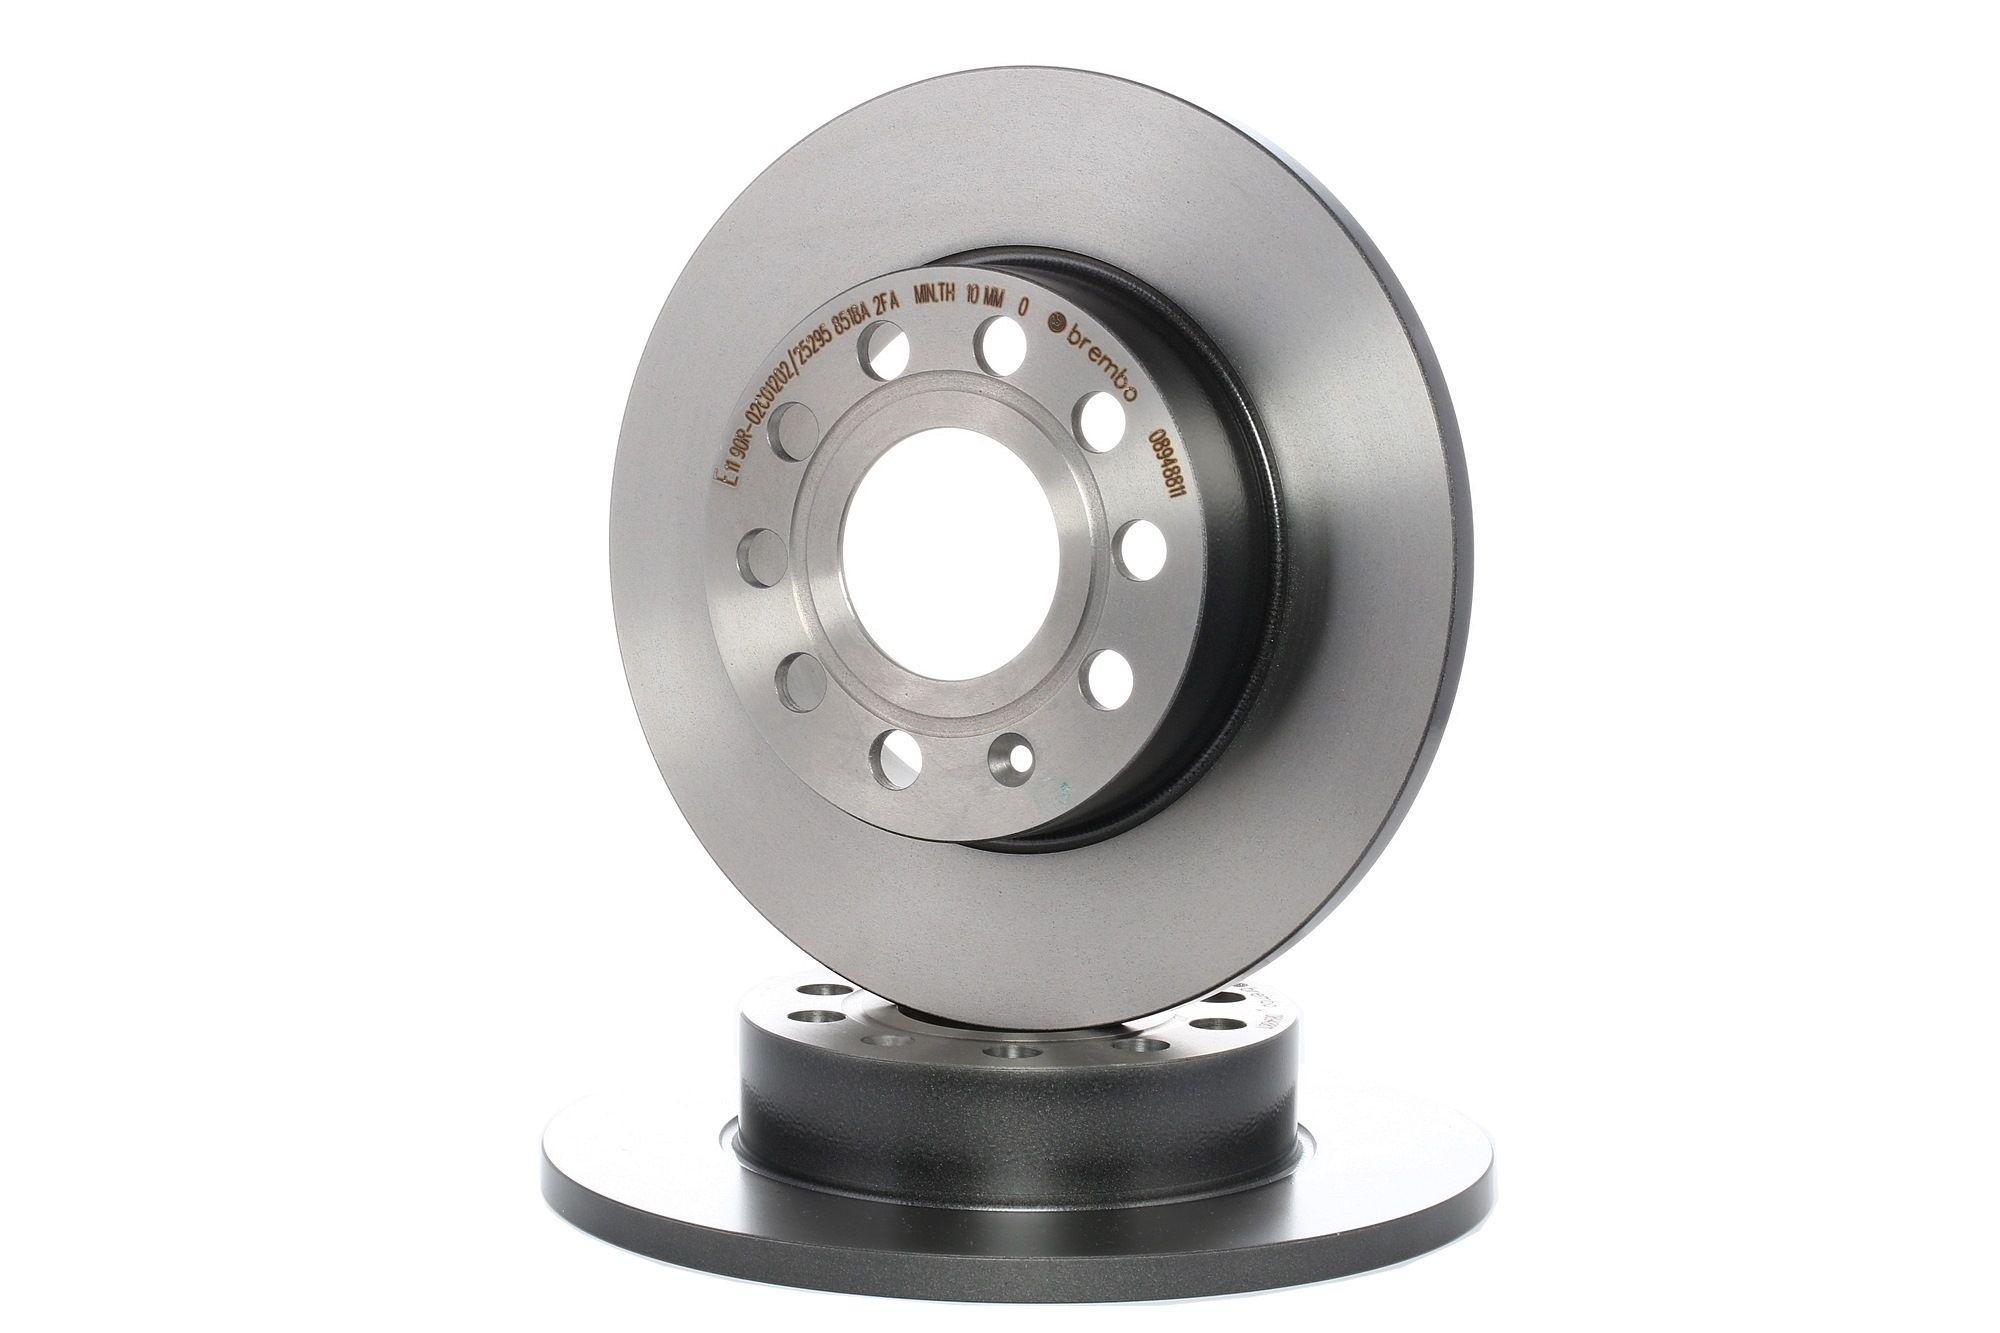 Achetez Disque BREMBO 08.9488.11 (Ø: 256mm, Nbre de trous: 5, Épaisseur du disque de frein: 12mm) à un rapport qualité-prix exceptionnel